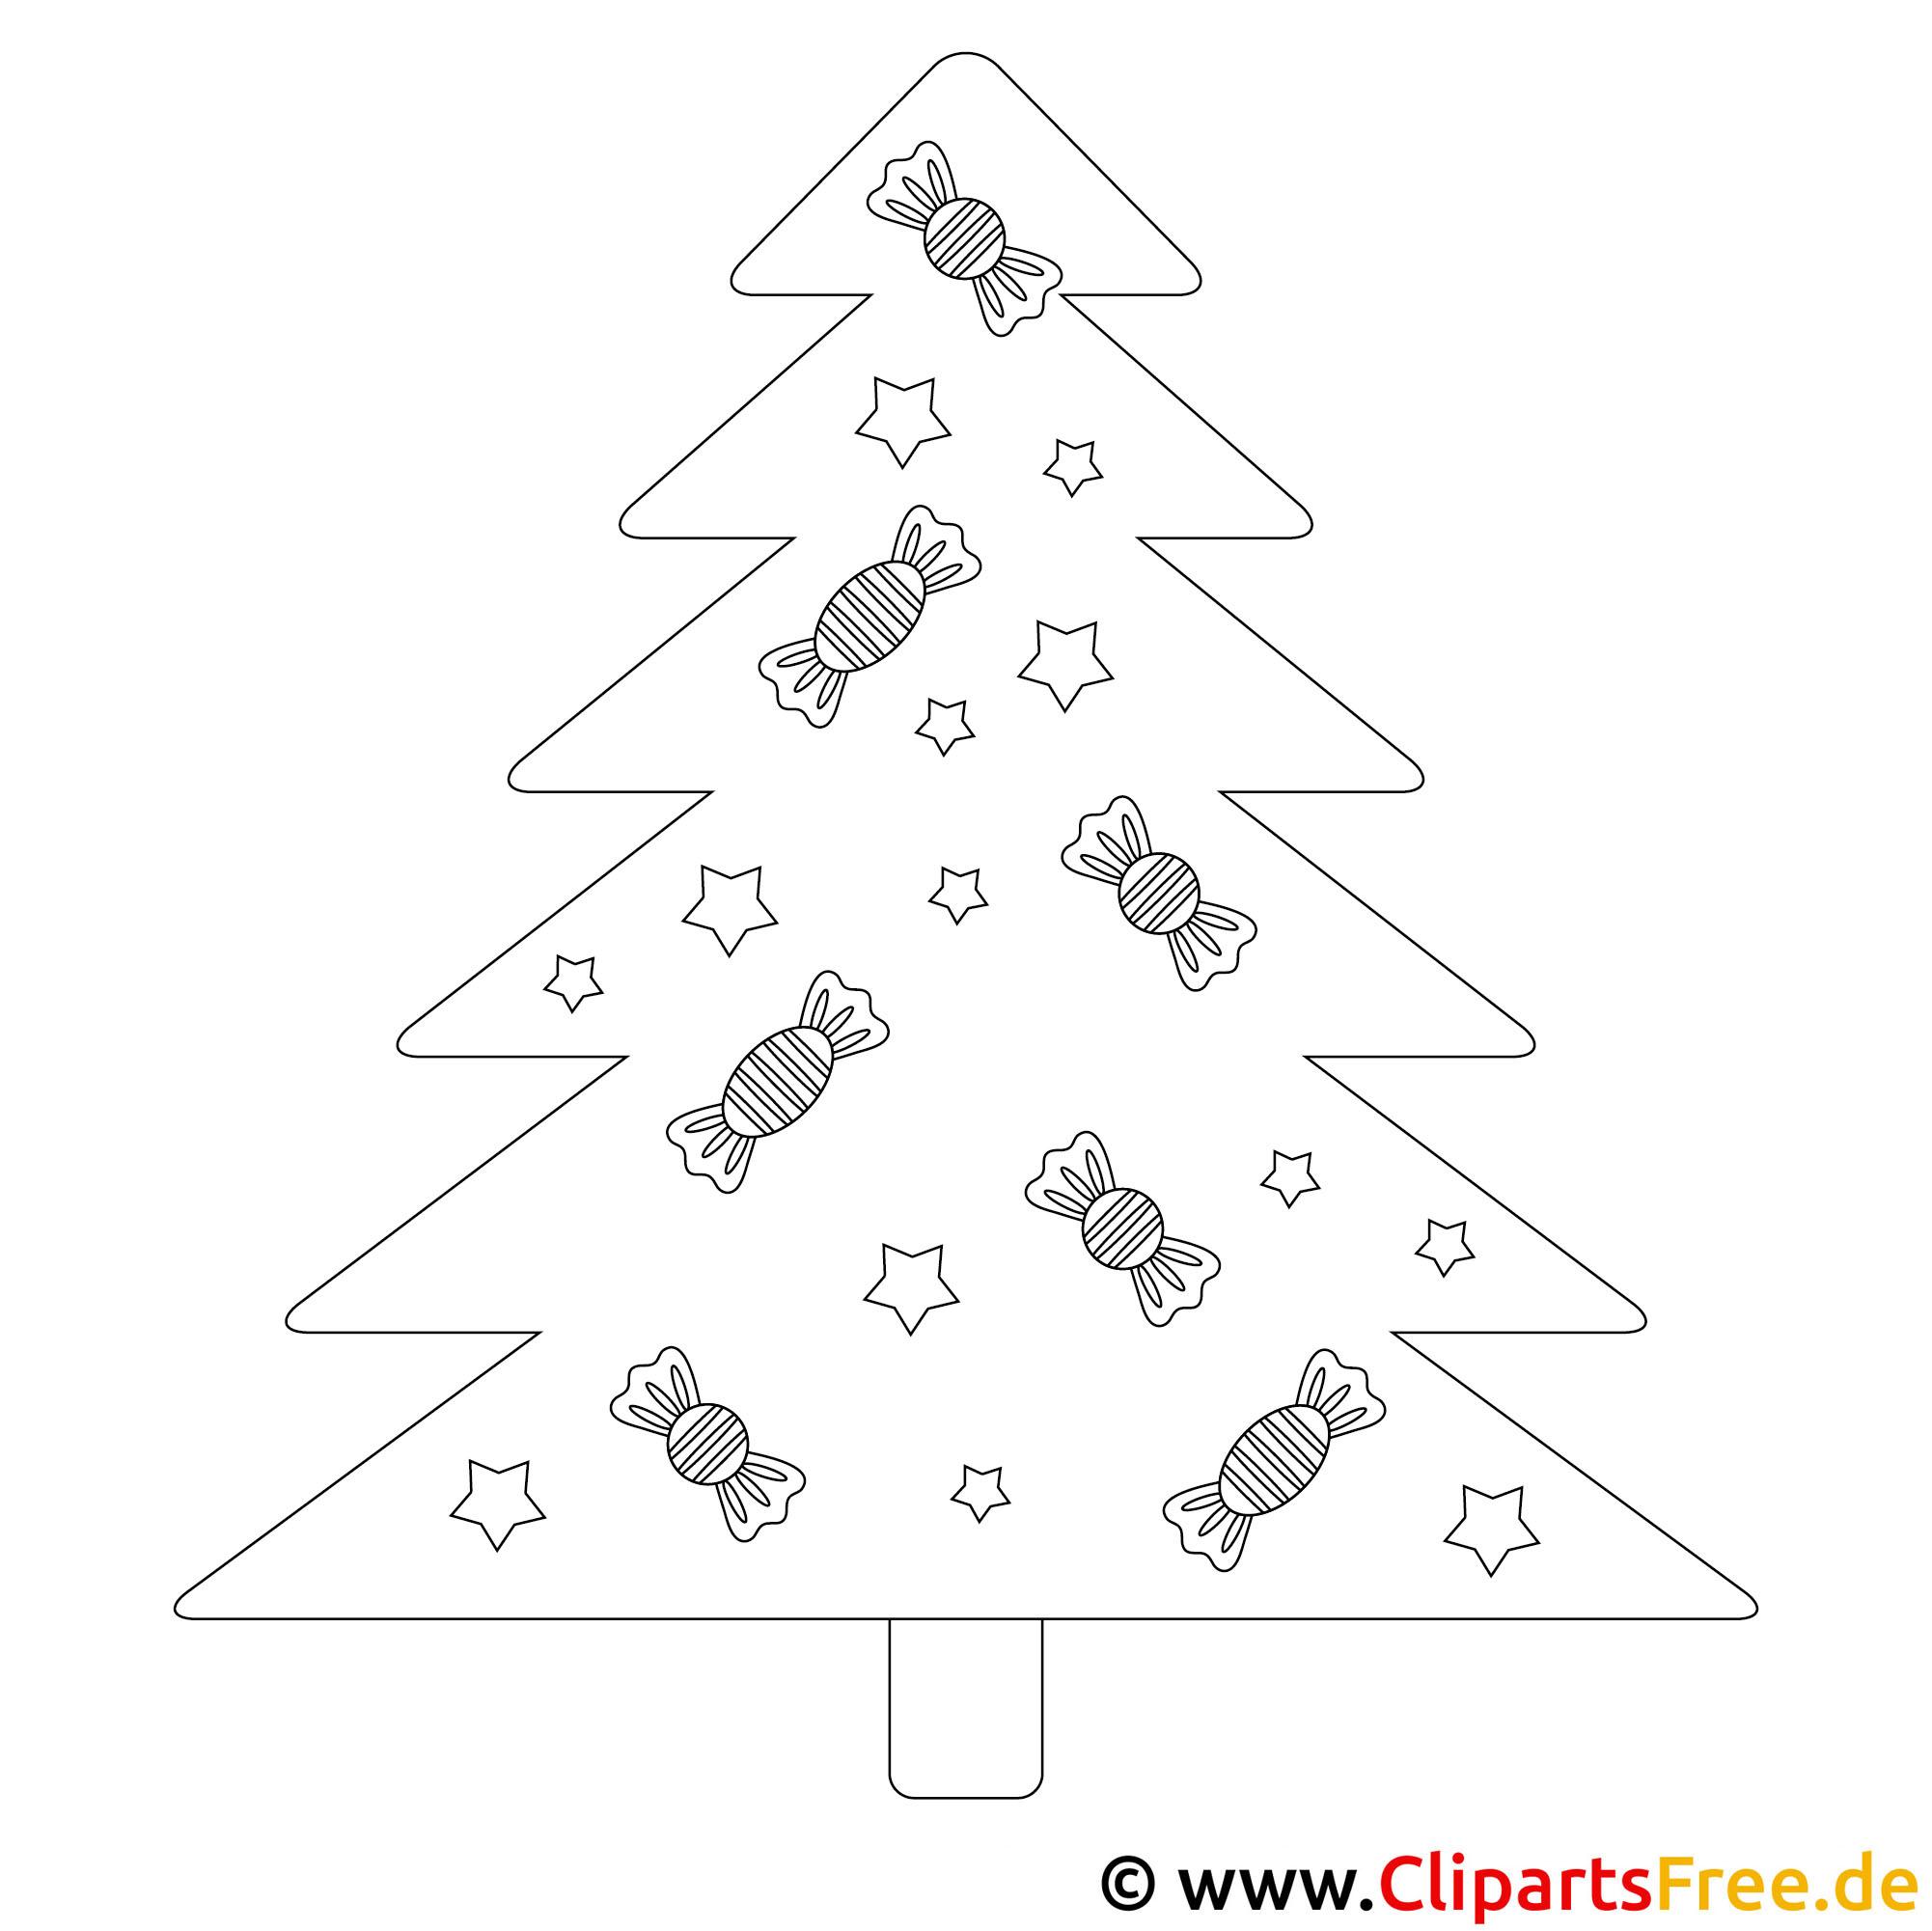 Micky Maus Weihnachten Ausmalbilder : Malvorlagen Weihnachten Micky Maus Die Beste Idee Zum Ausmalen Von